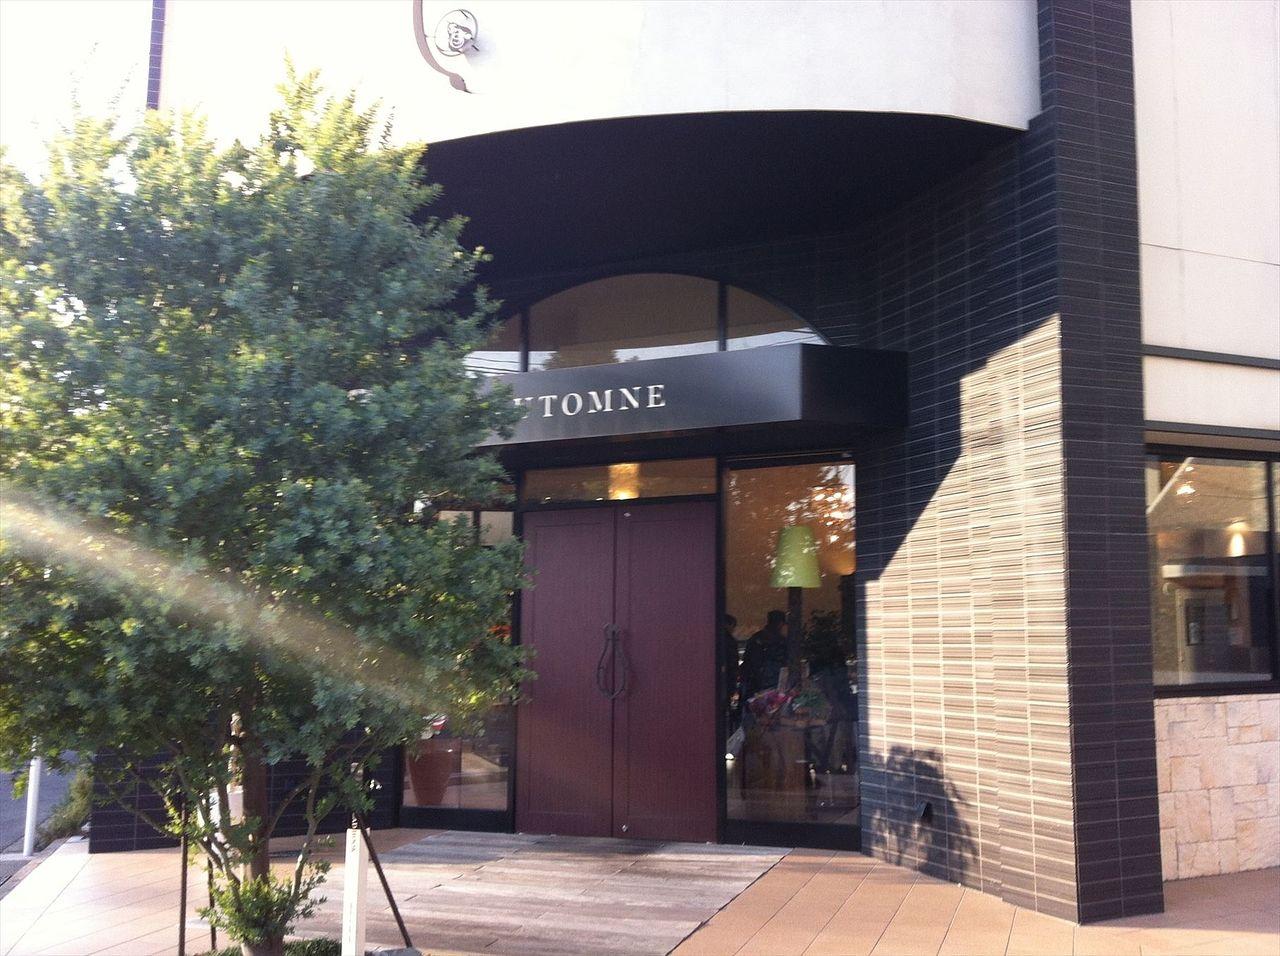 新江古田駅近くのケーキ屋さん/L'AUTOMNE(ロートンヌ)さん お洒落で美味しいケーキ屋さんです。本店は秋津で、伊勢丹にも出店してらっしゃいます